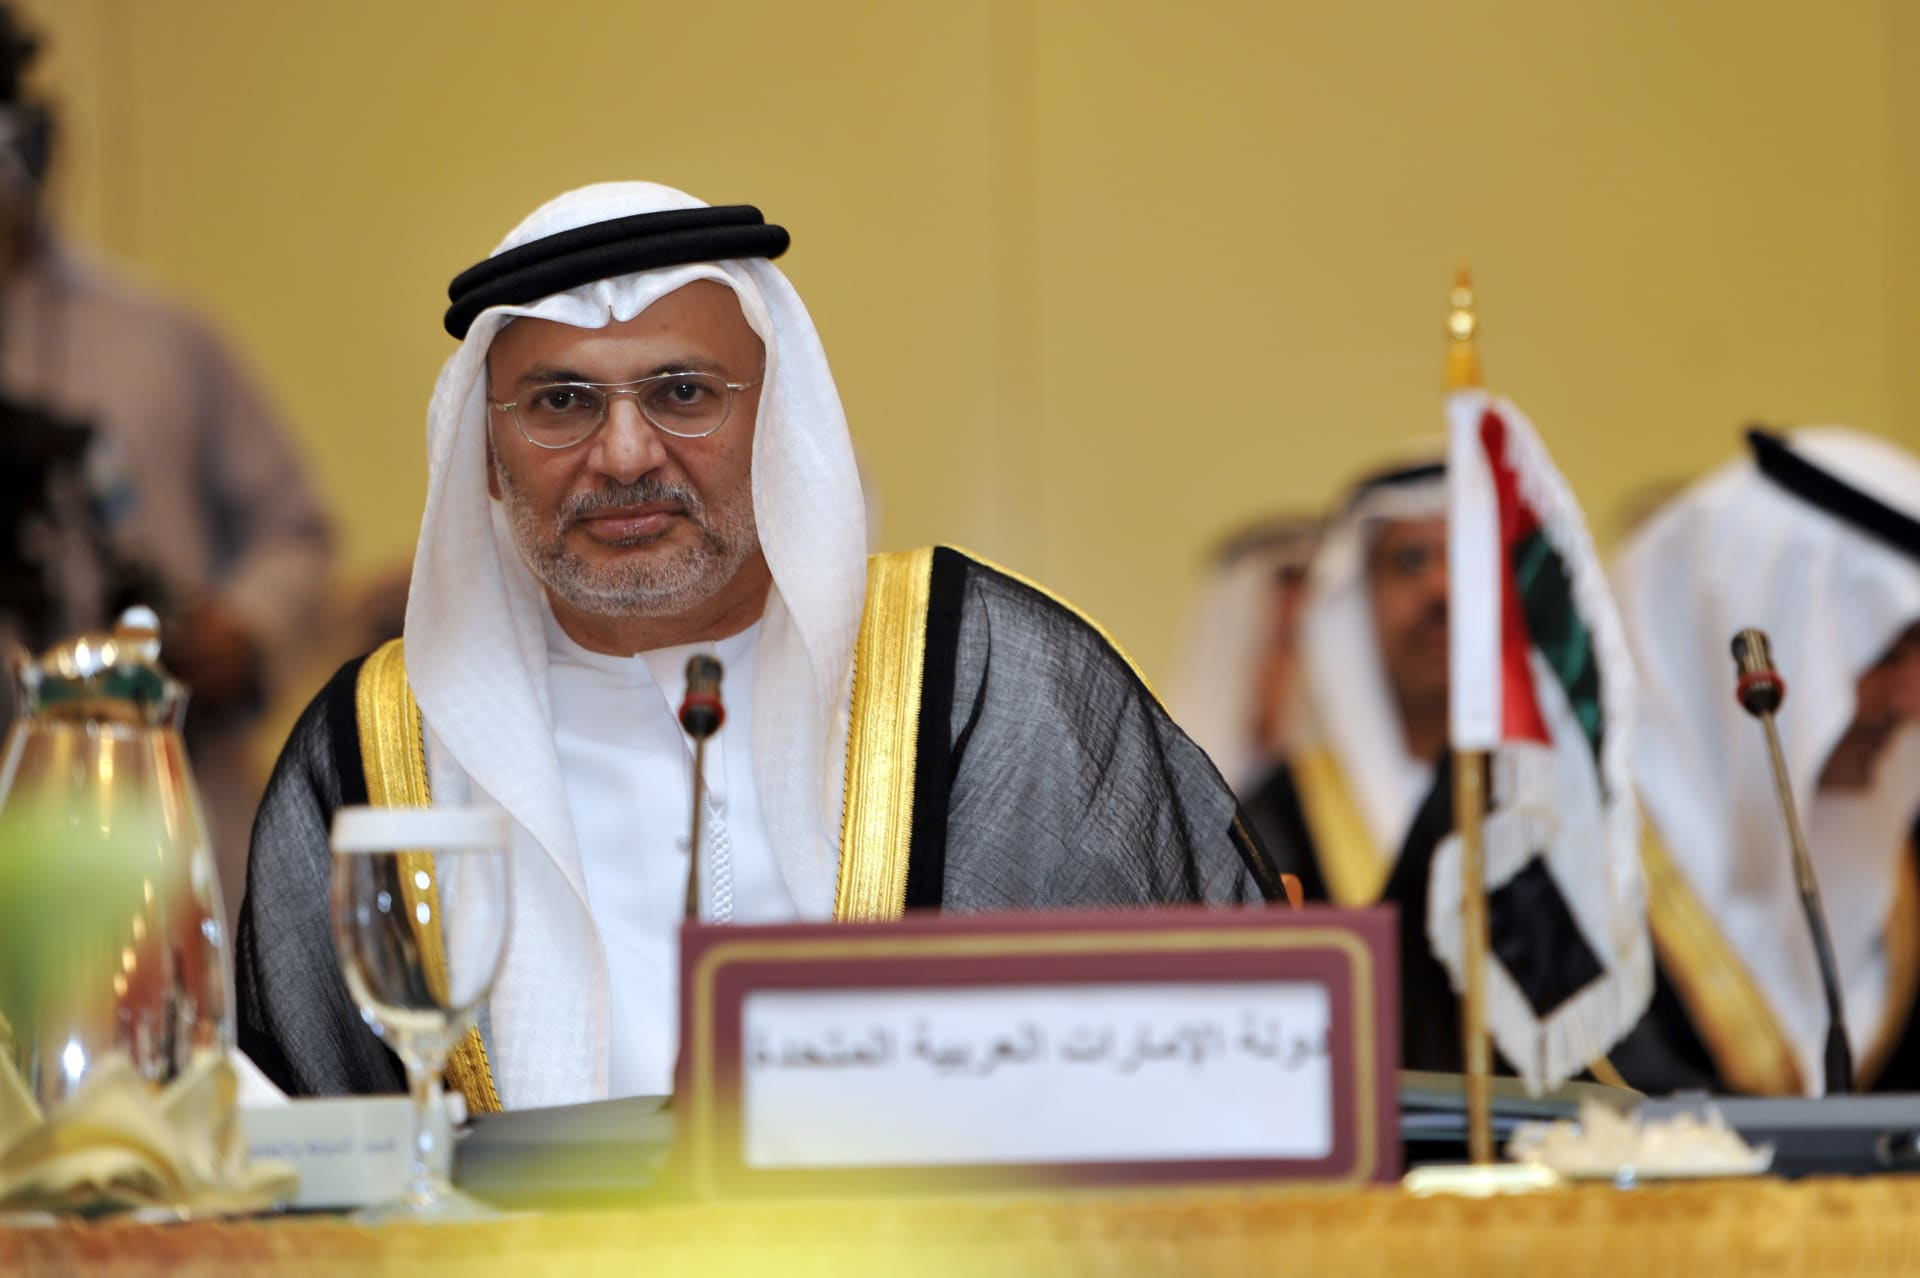 أنور قراقاش وزير الدولة الإماراتي للشؤون الخارجية